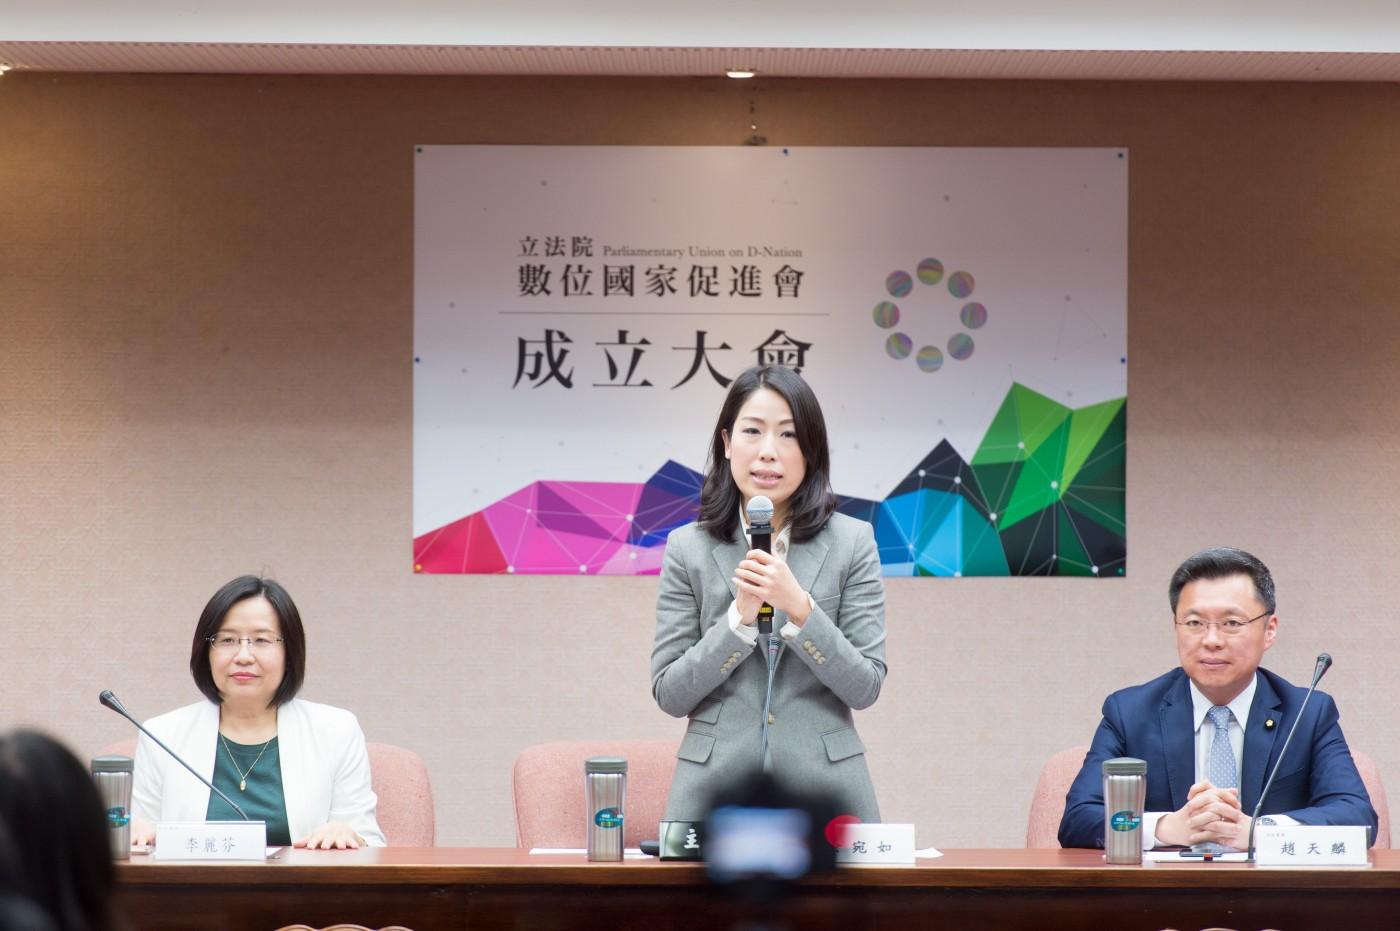 幫台灣換數位腦袋!余宛如成立「立法院數位國家促進會」